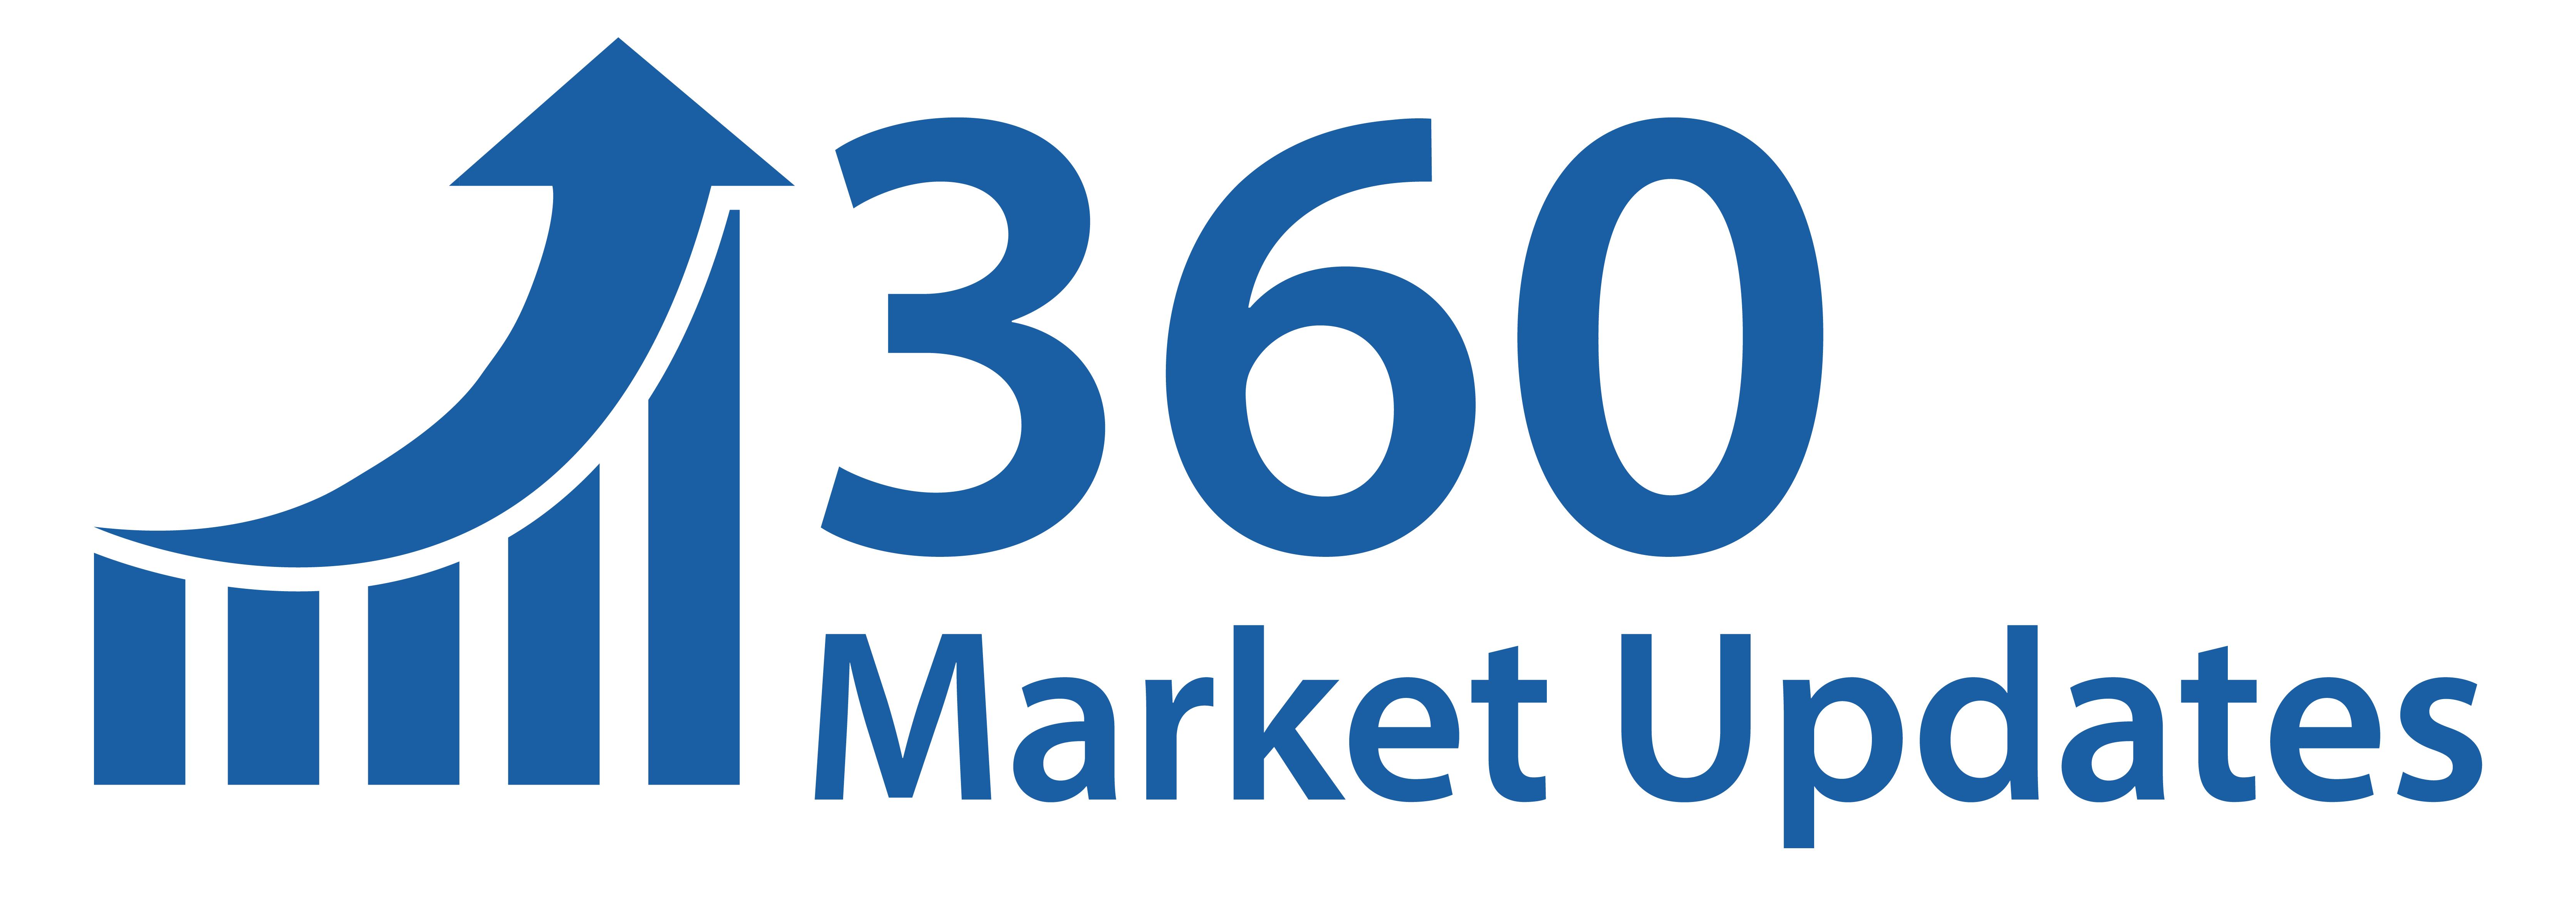 Markt 2020 für weiche Kontaktlinsen - Branchennachfrage, Anteil, Größe, Zukunftstrends, Wachstumschancen, Hauptakteure, Anwendung, Nachfrage, Branchenforschungsbericht nach regionaler Prognose bis 2024